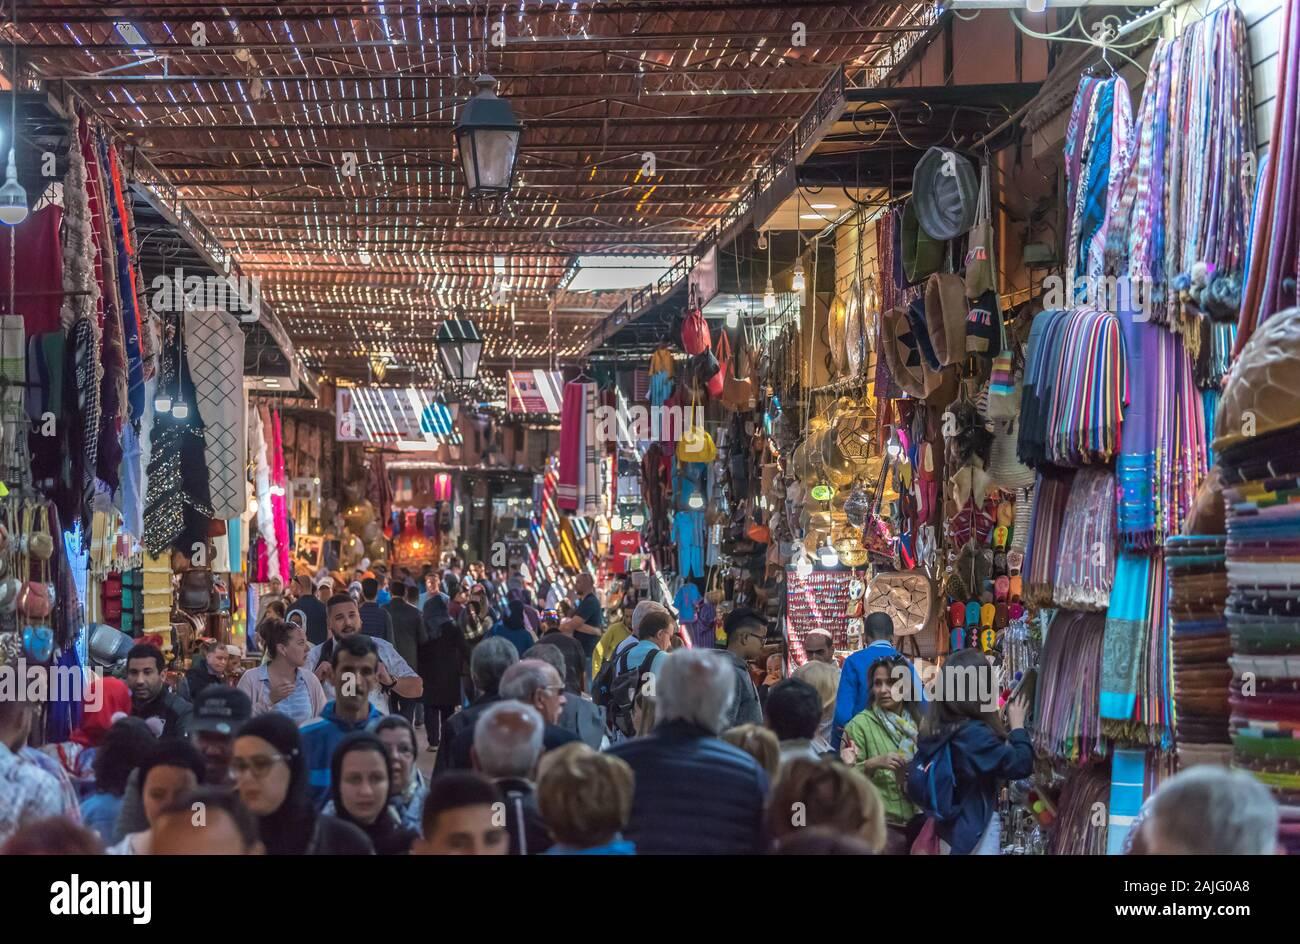 Marrakech, Marruecos: personas y turistas paseando, cabinas y puestos en la callejuela cercana plaza Jemma El Fna, el zoco del mercado dar en la medina de Marrakech, el concurrido bazar Foto de stock